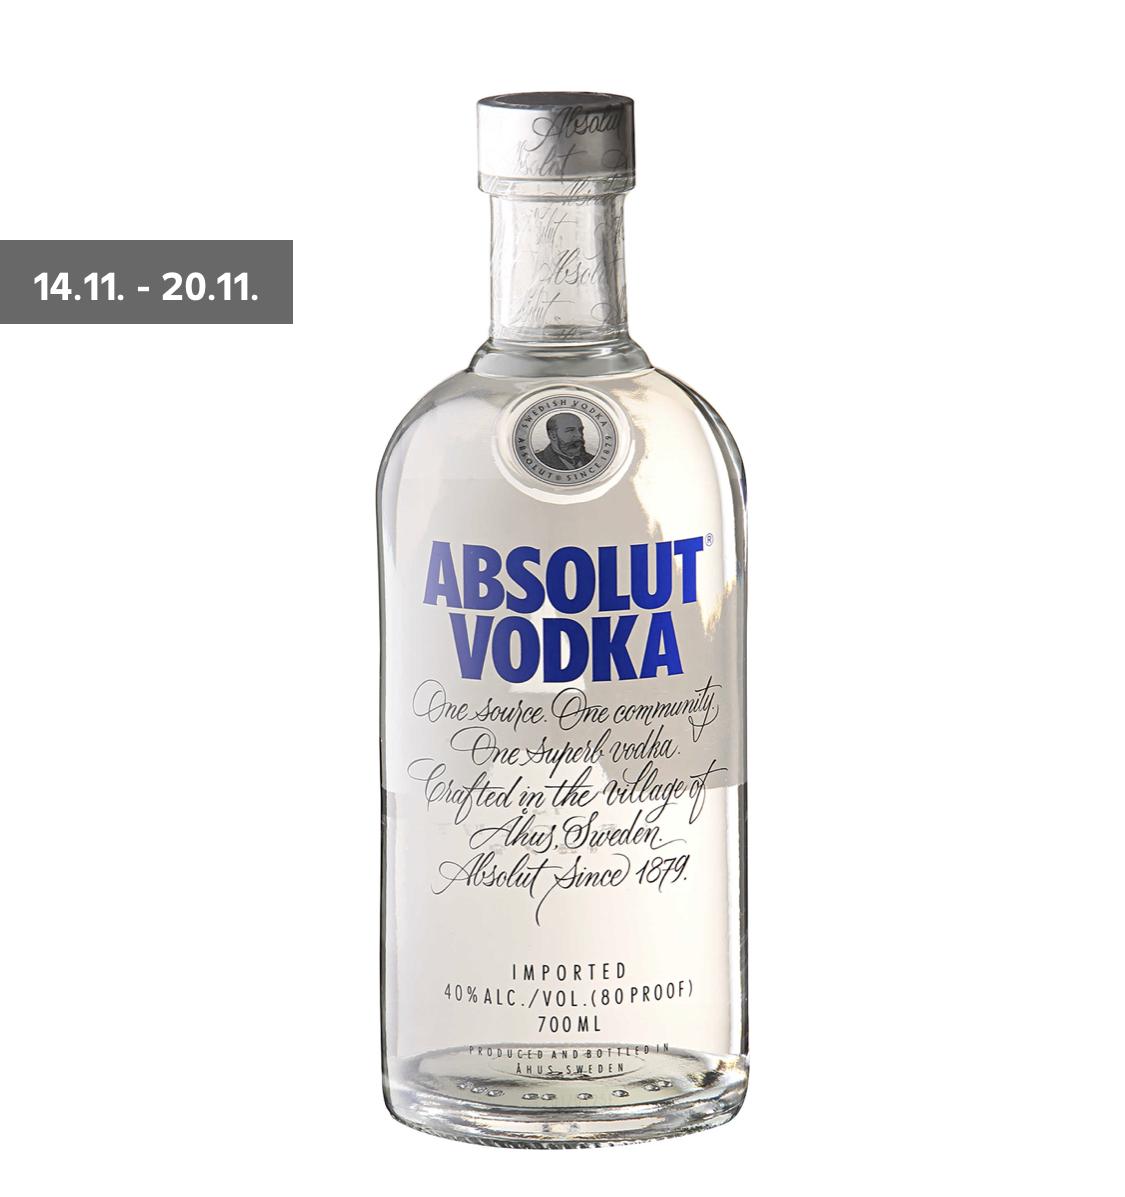 [Kaufland] Absolut Vodka 9,99€ in Berlin